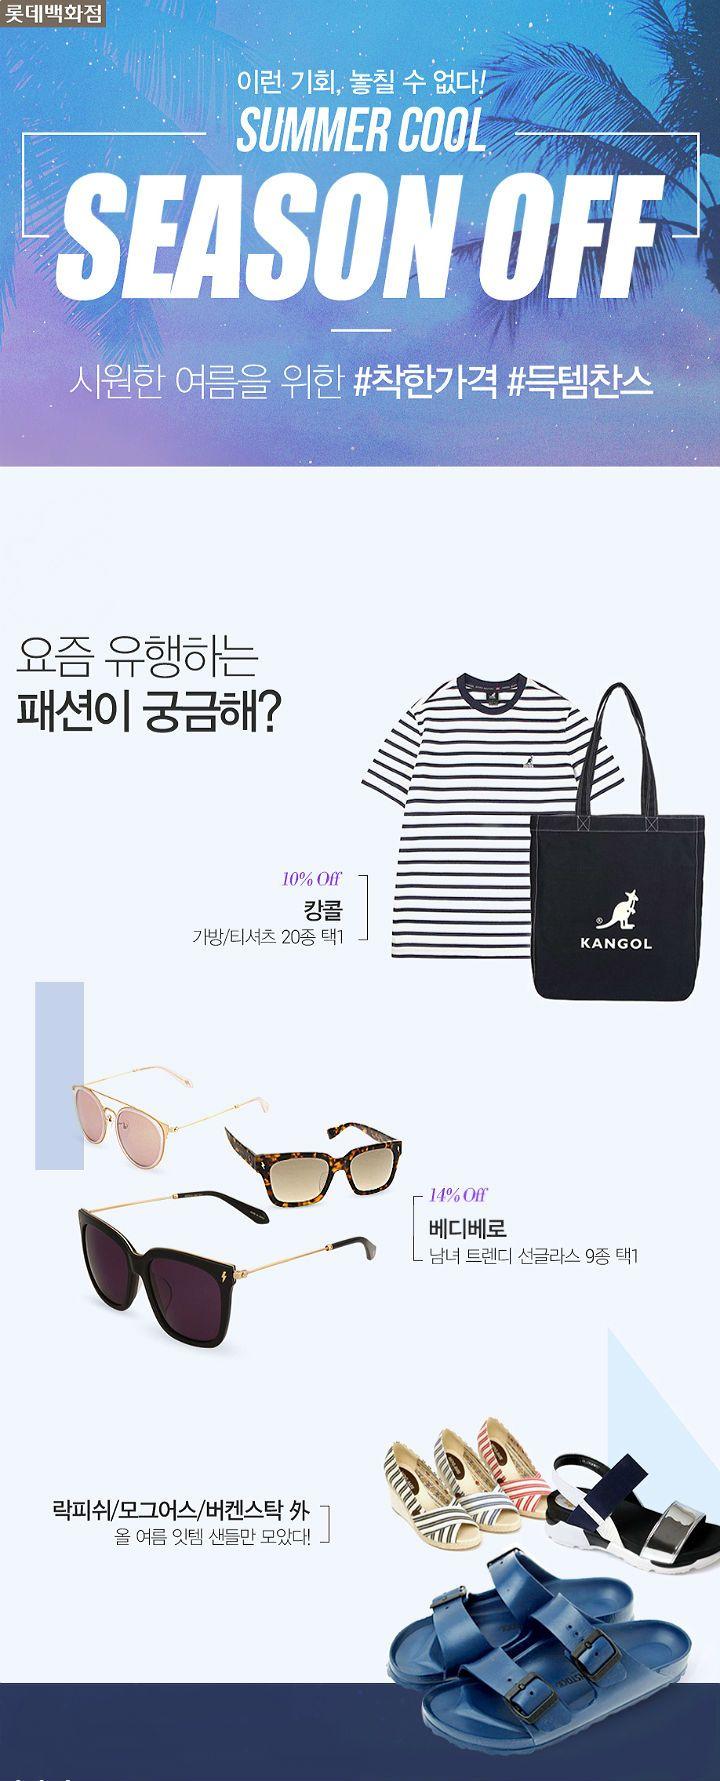 (광고) 시원한 여름을 위한 #롯데백화점 #착한 가격 #득템찬스   받은편지함   Daum 메일